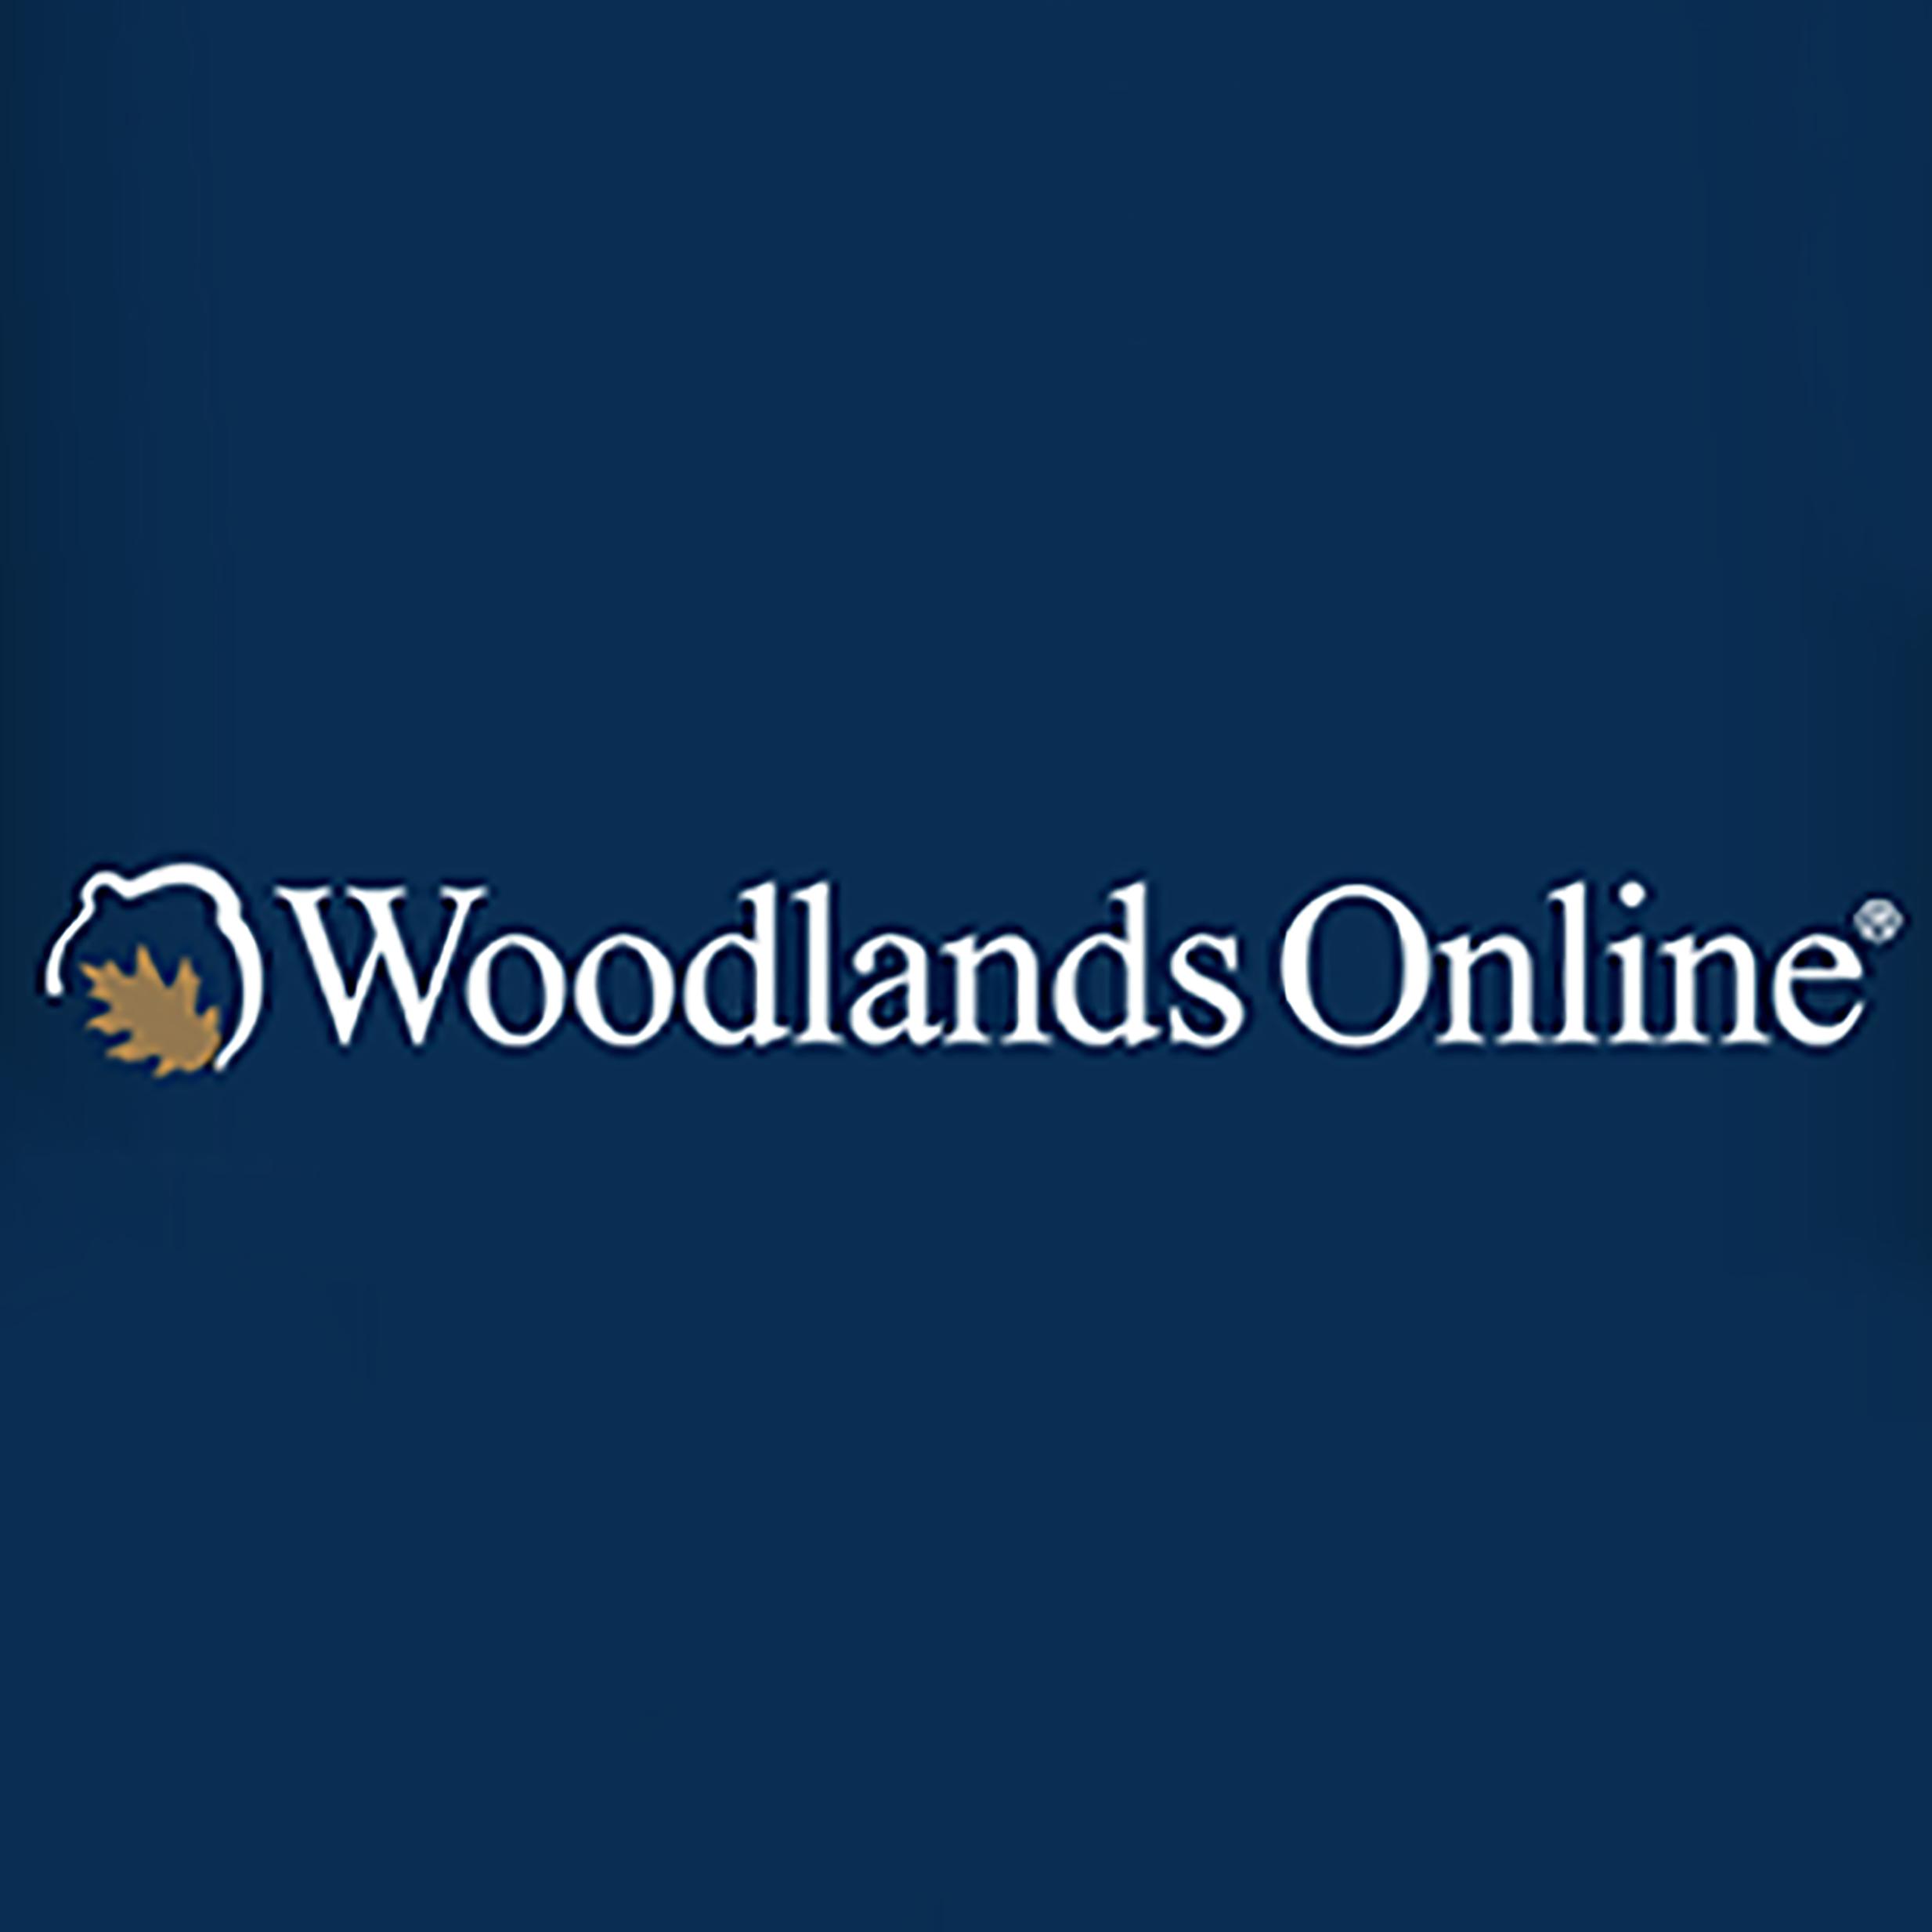 Woodlands Online.png